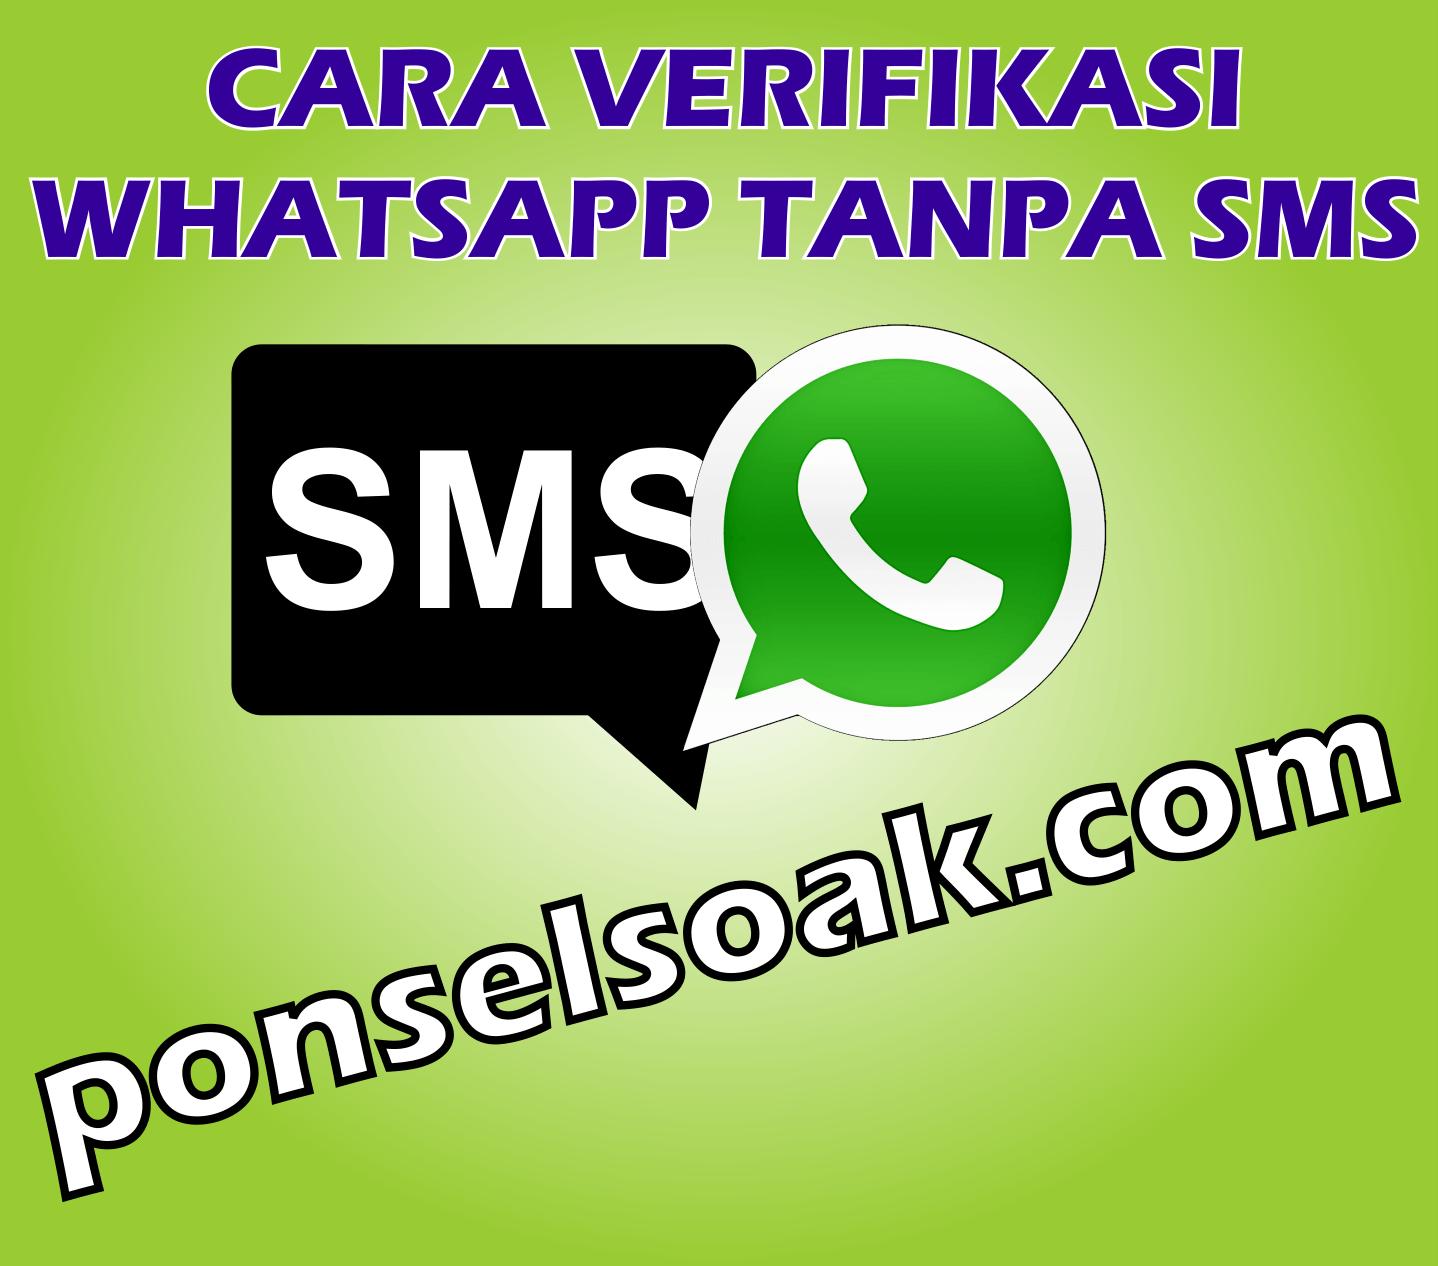 Cara Verifikasi WhatsApp Tanpa SMS Free Nggak Pake Ribet!